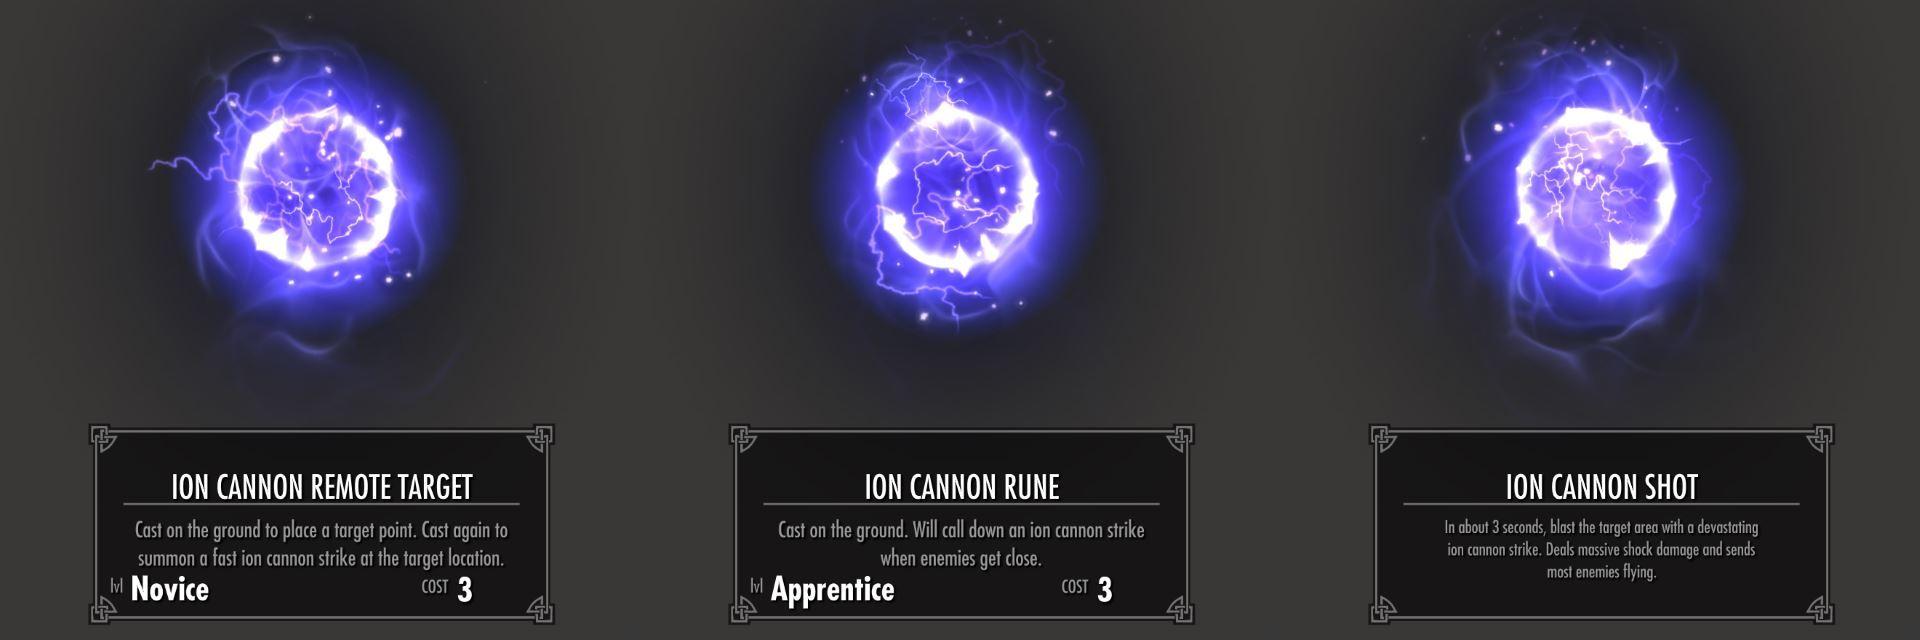 IonCannonSK 012-1 Info Shot 2